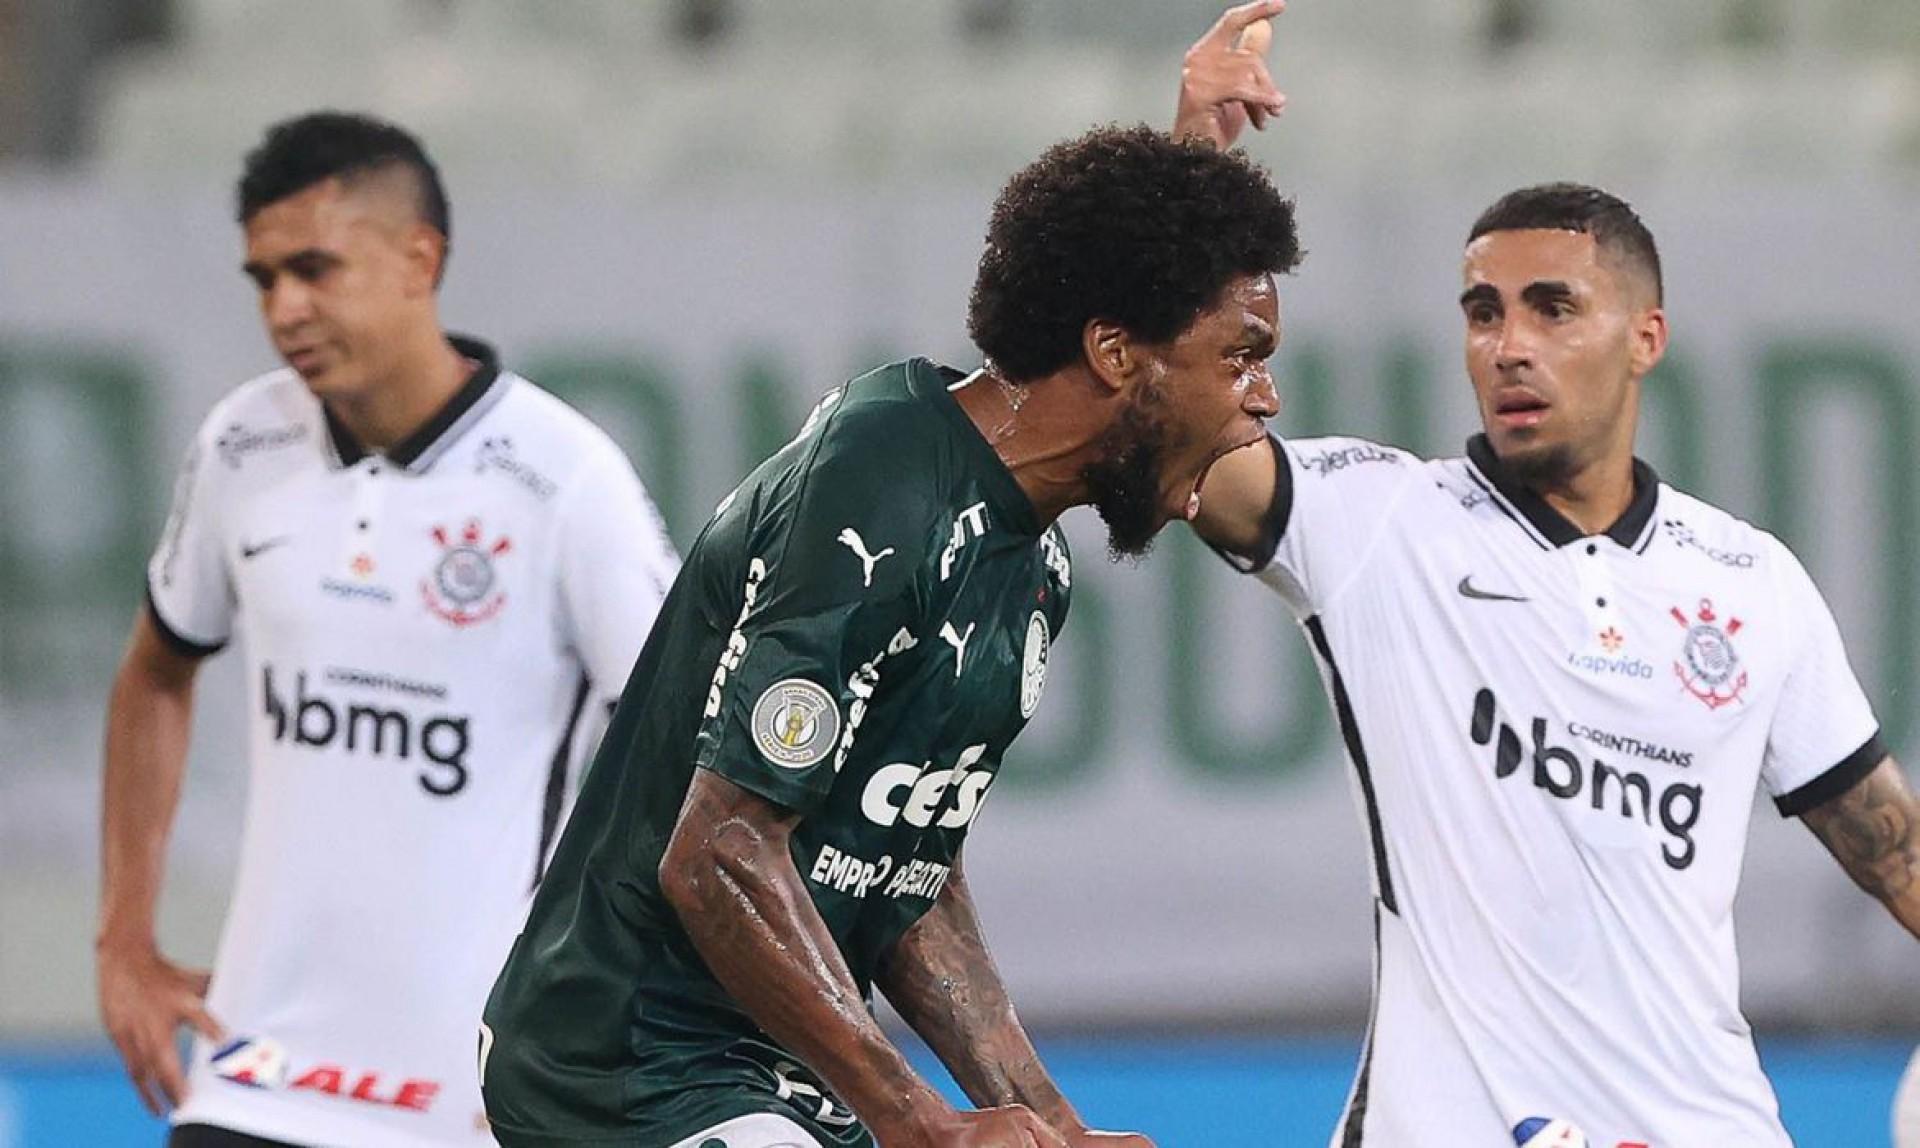 Palmeiras X Corinthians Ao Vivo Onde Assistir E Escalacao Provavel Futebol Esportes O Povo